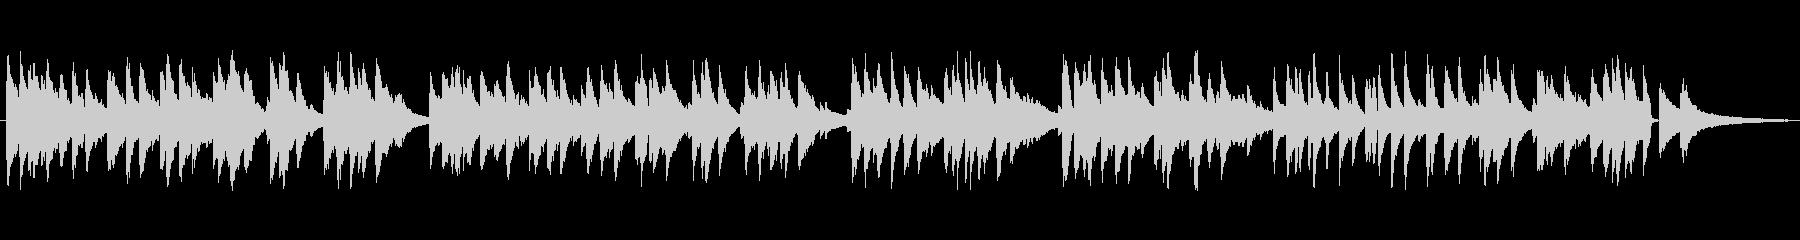 ゆっくりめジャズ風ラウンジピアノソロの未再生の波形